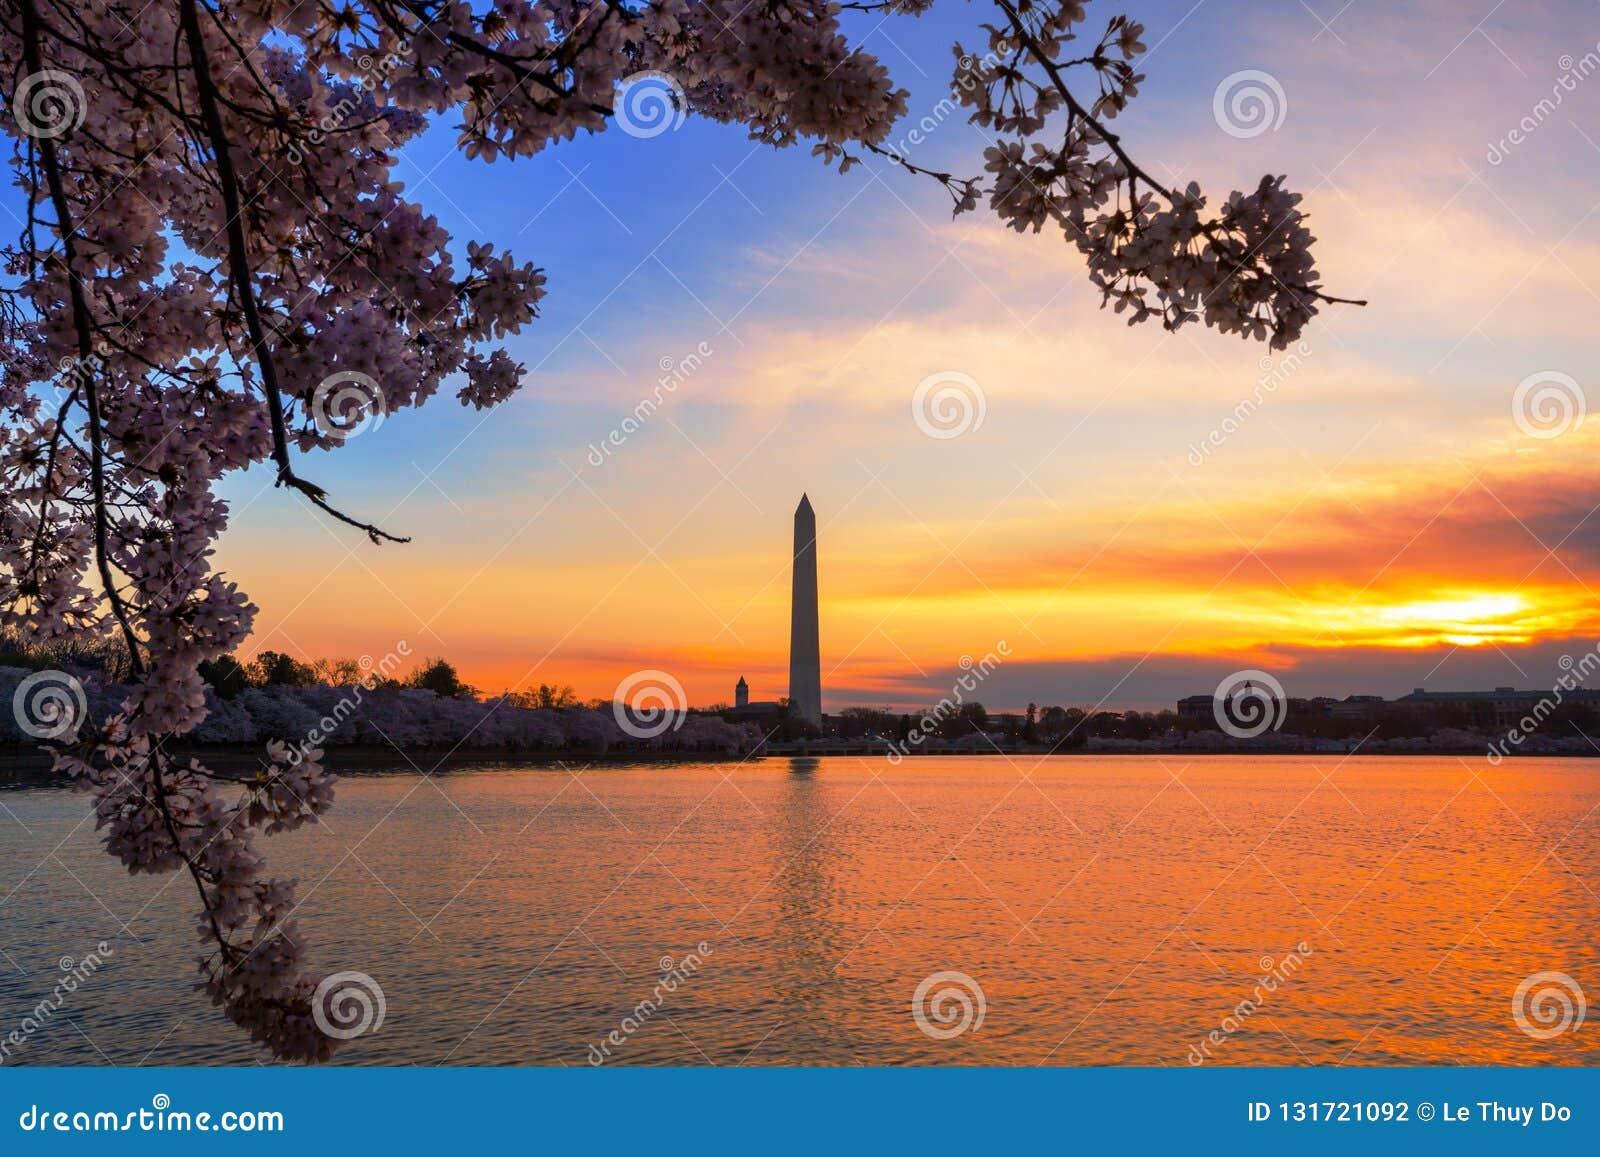 Otta på den tidvattens- handfatet i Washington DC, under Cherry Blossom Festival med monumentet på andra sidan